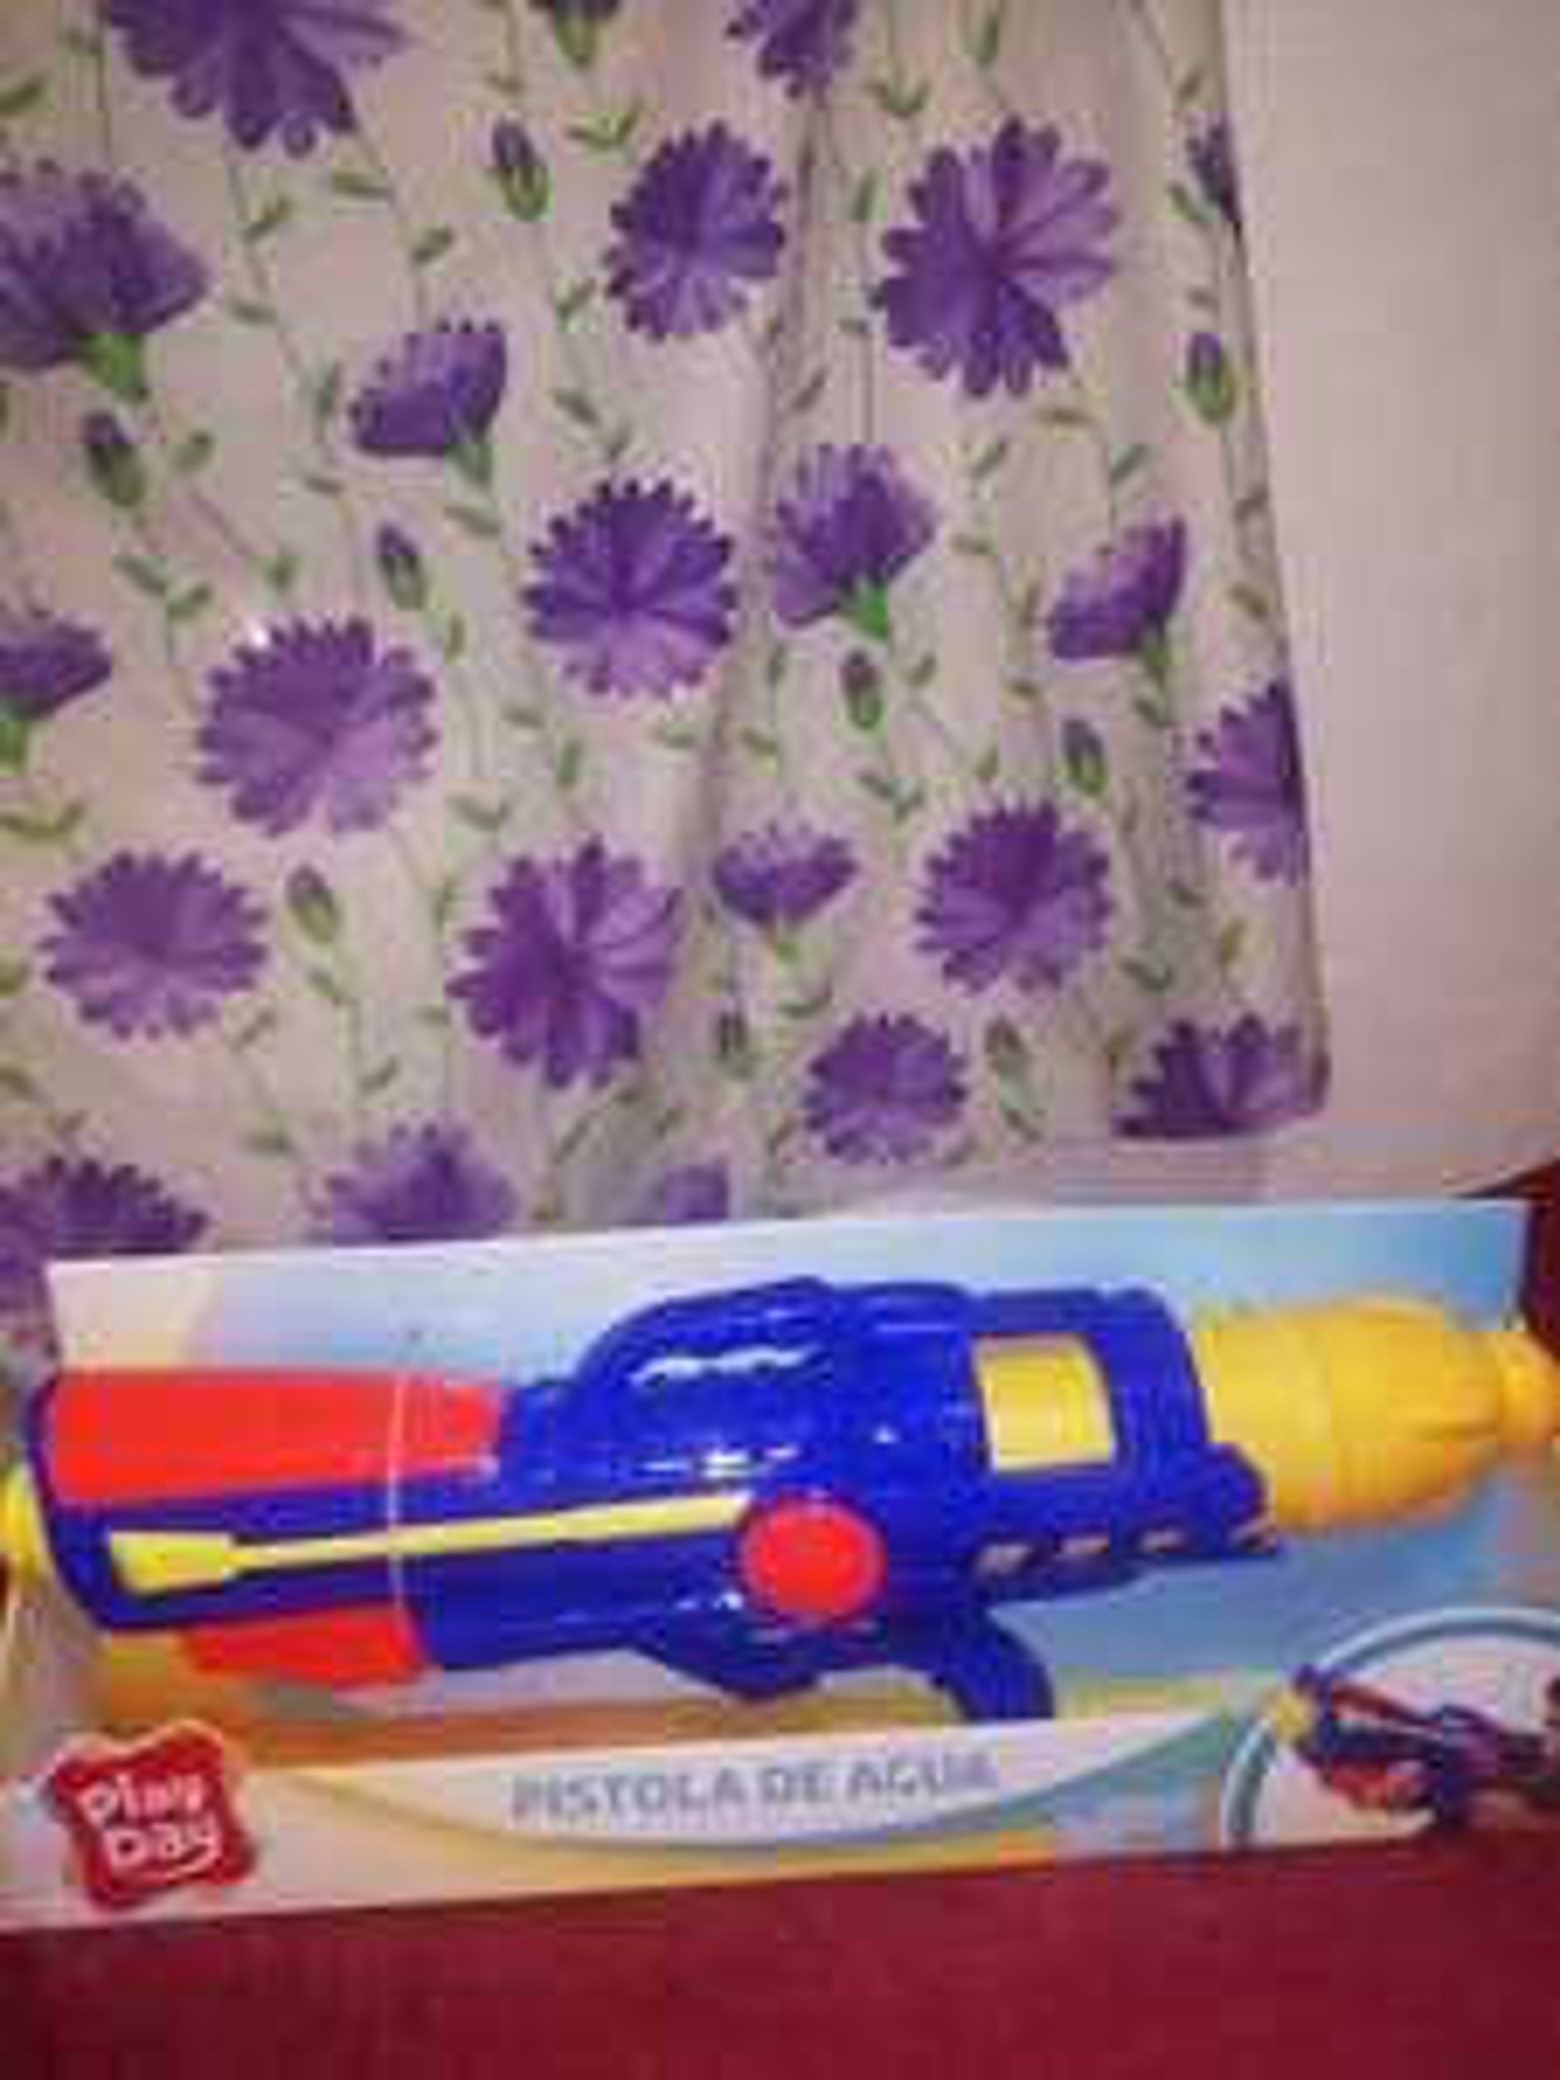 Bodega Aurrera: Pistola play day